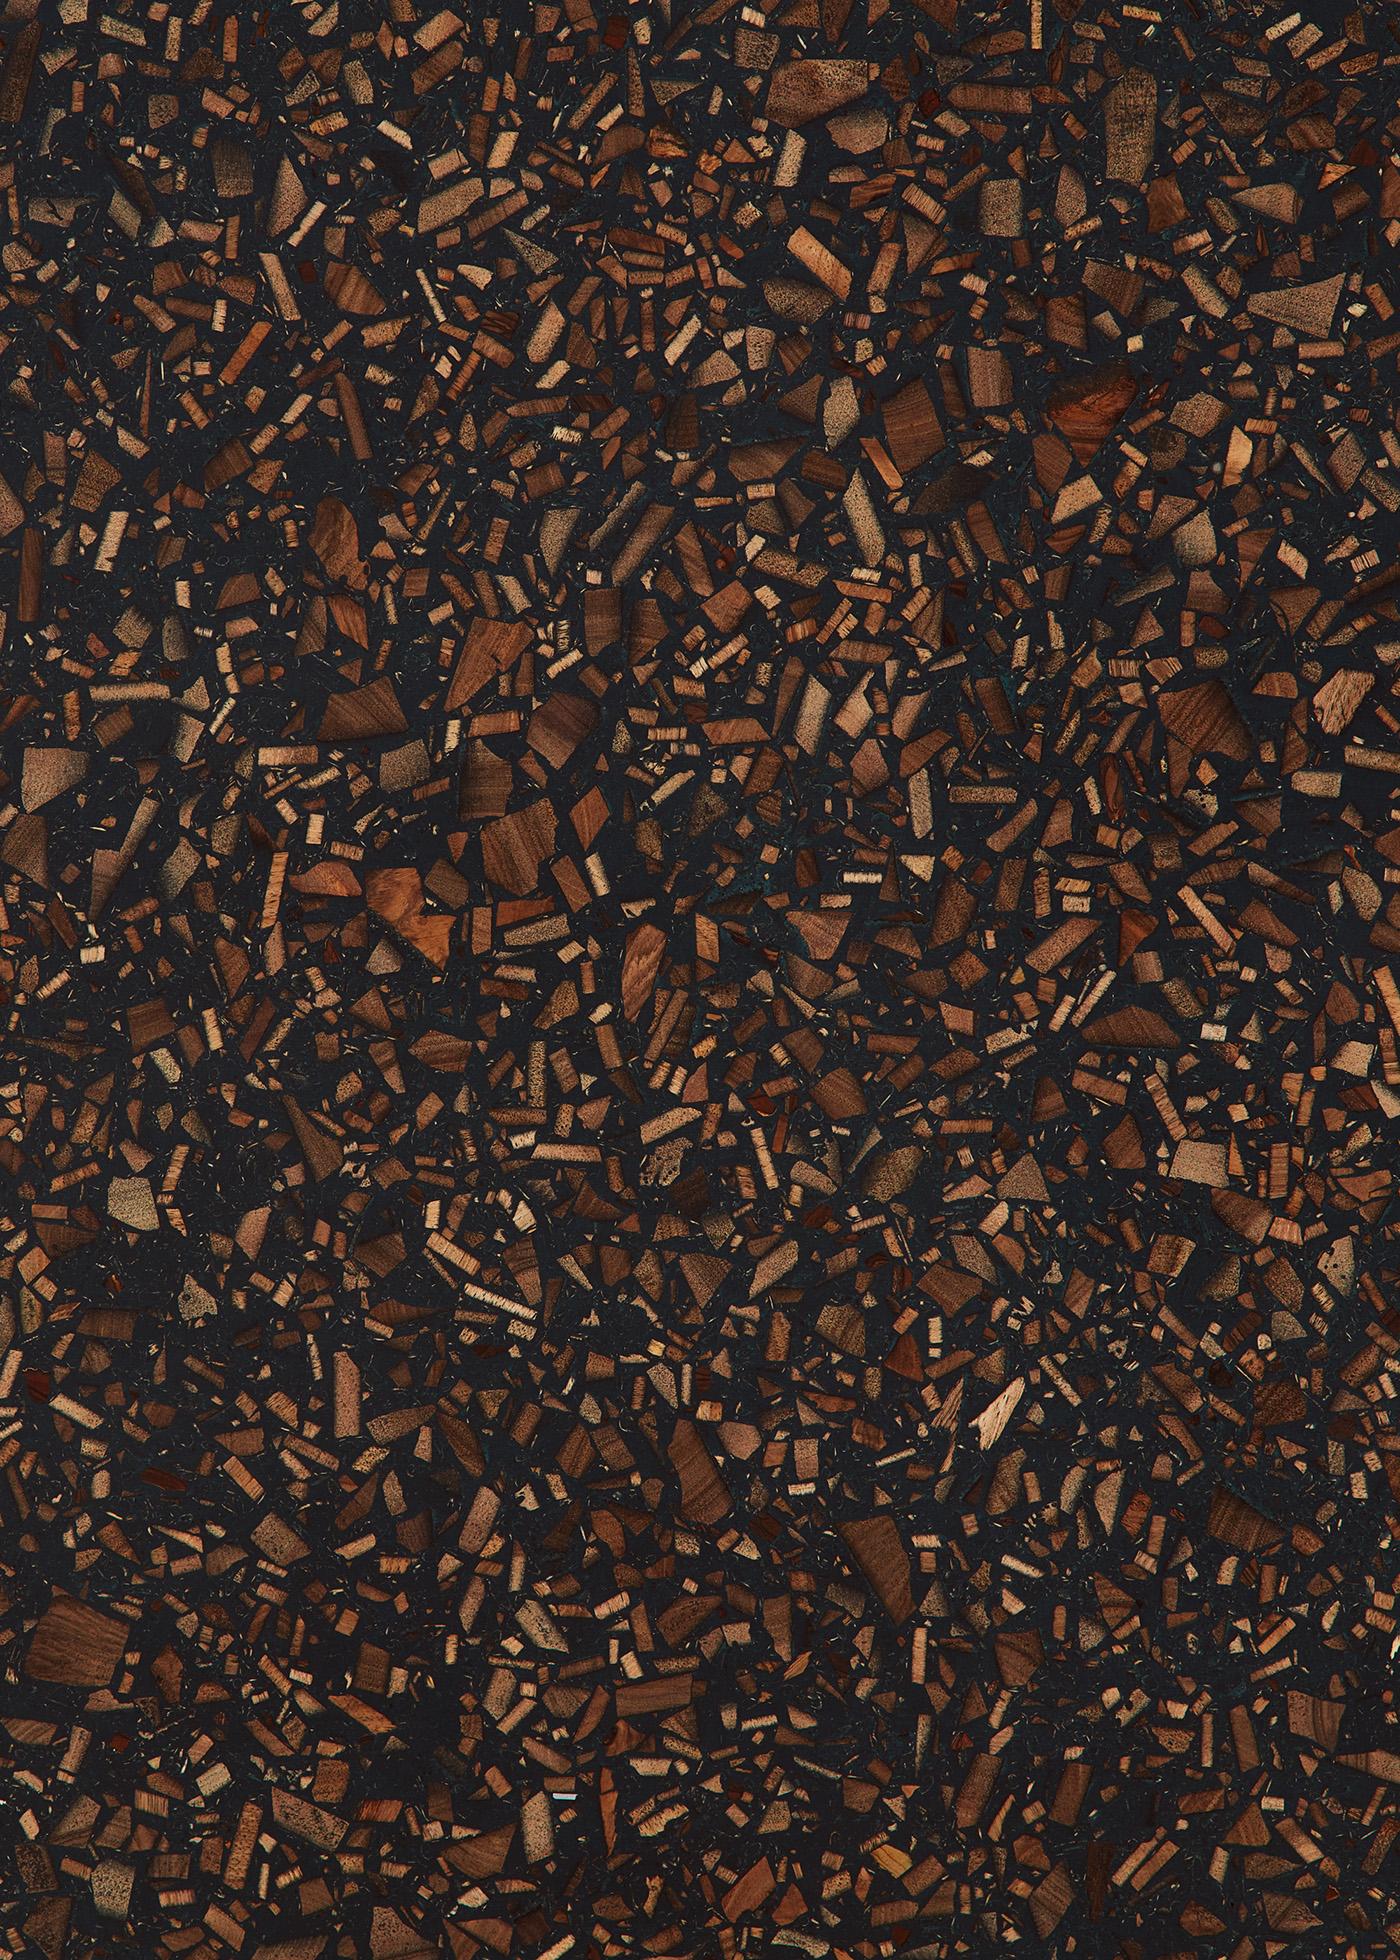 charcoal mono detail - web.jpg